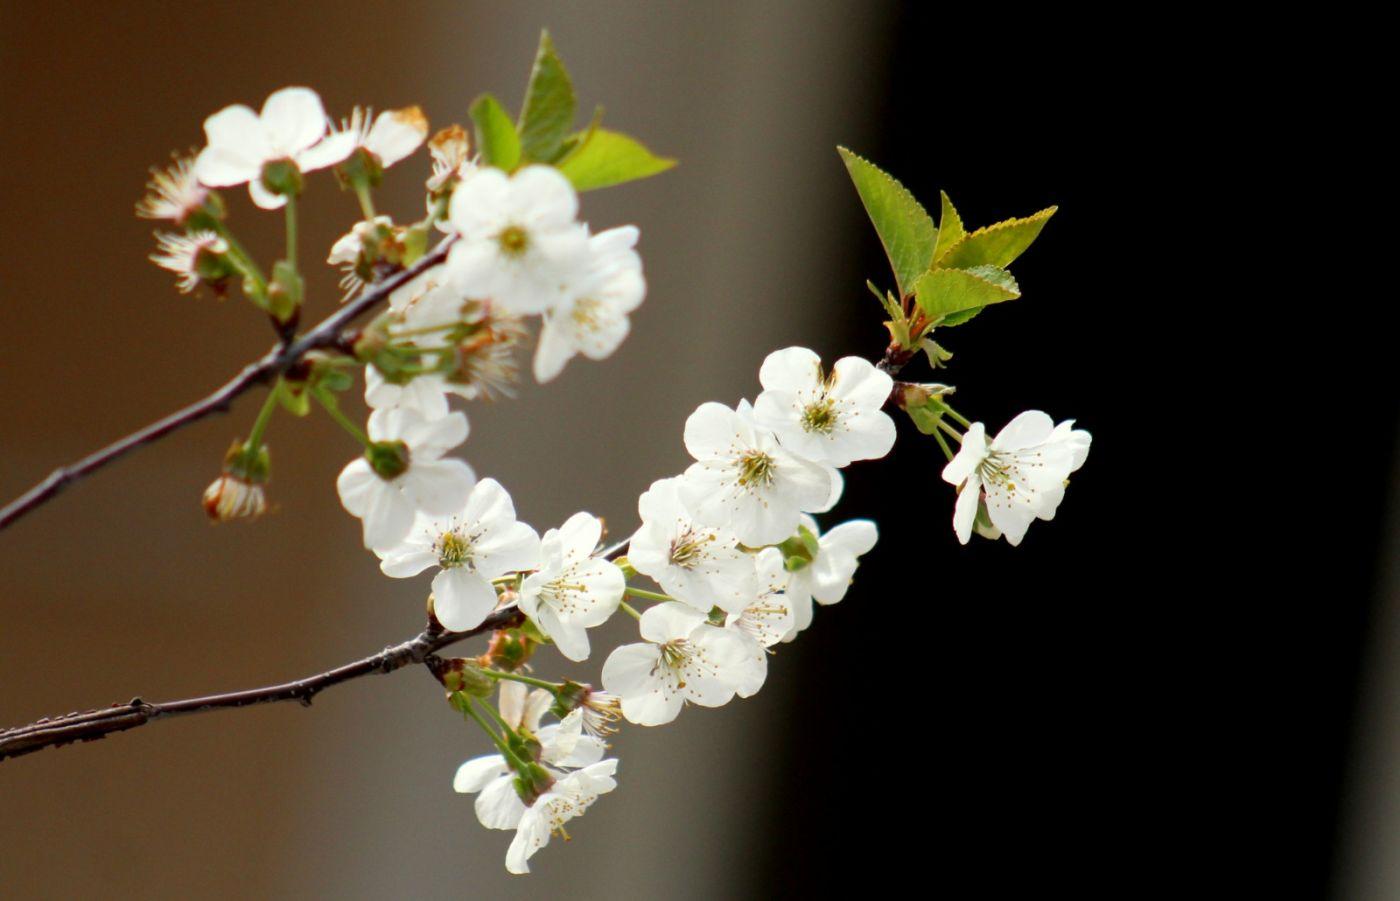 欧洲樱桃花开_图1-21